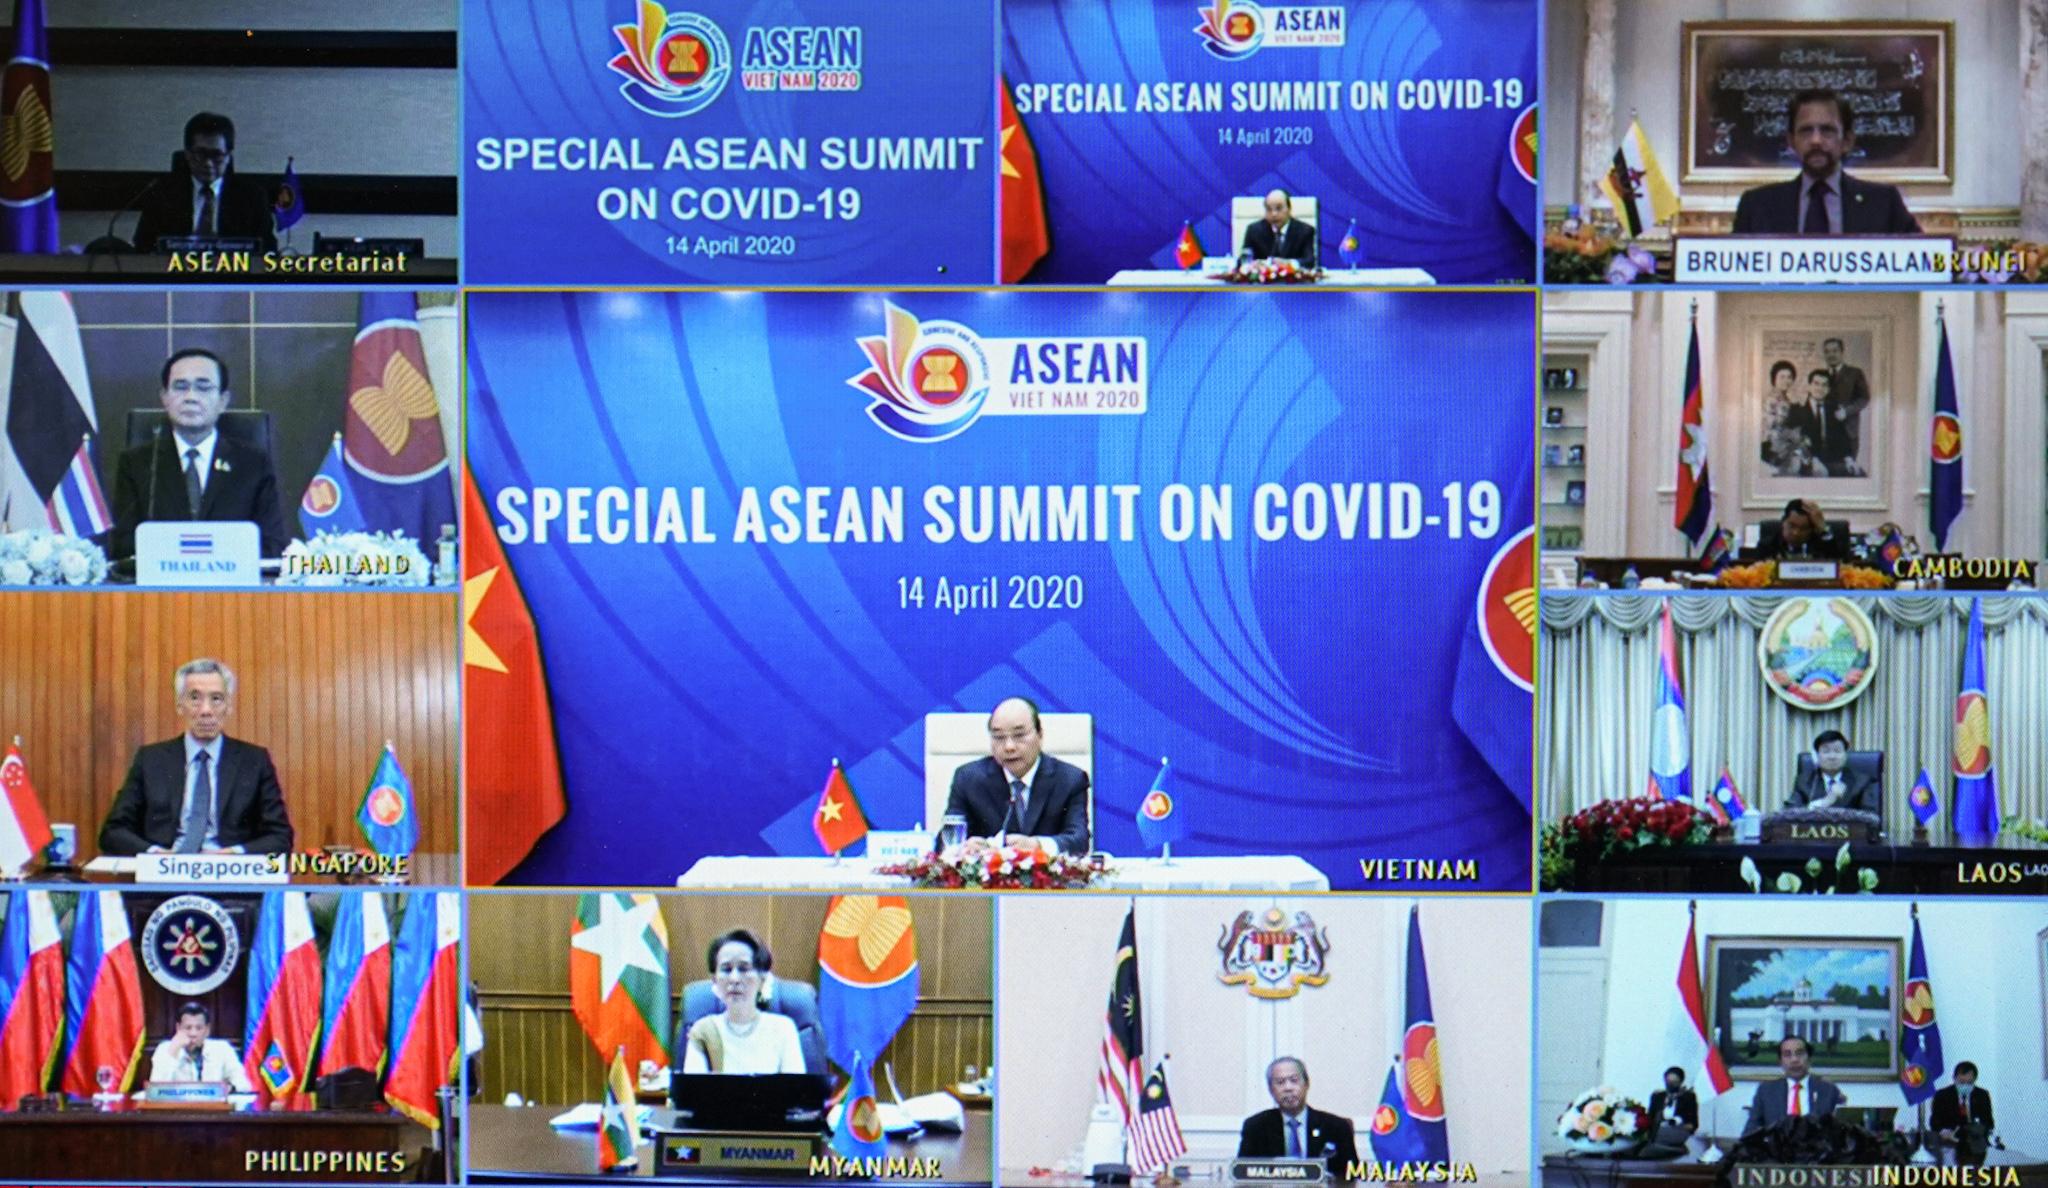 Đại sứ Na Uy: Học hỏi Việt Nam biến nguy thành cơ trong đại dịch